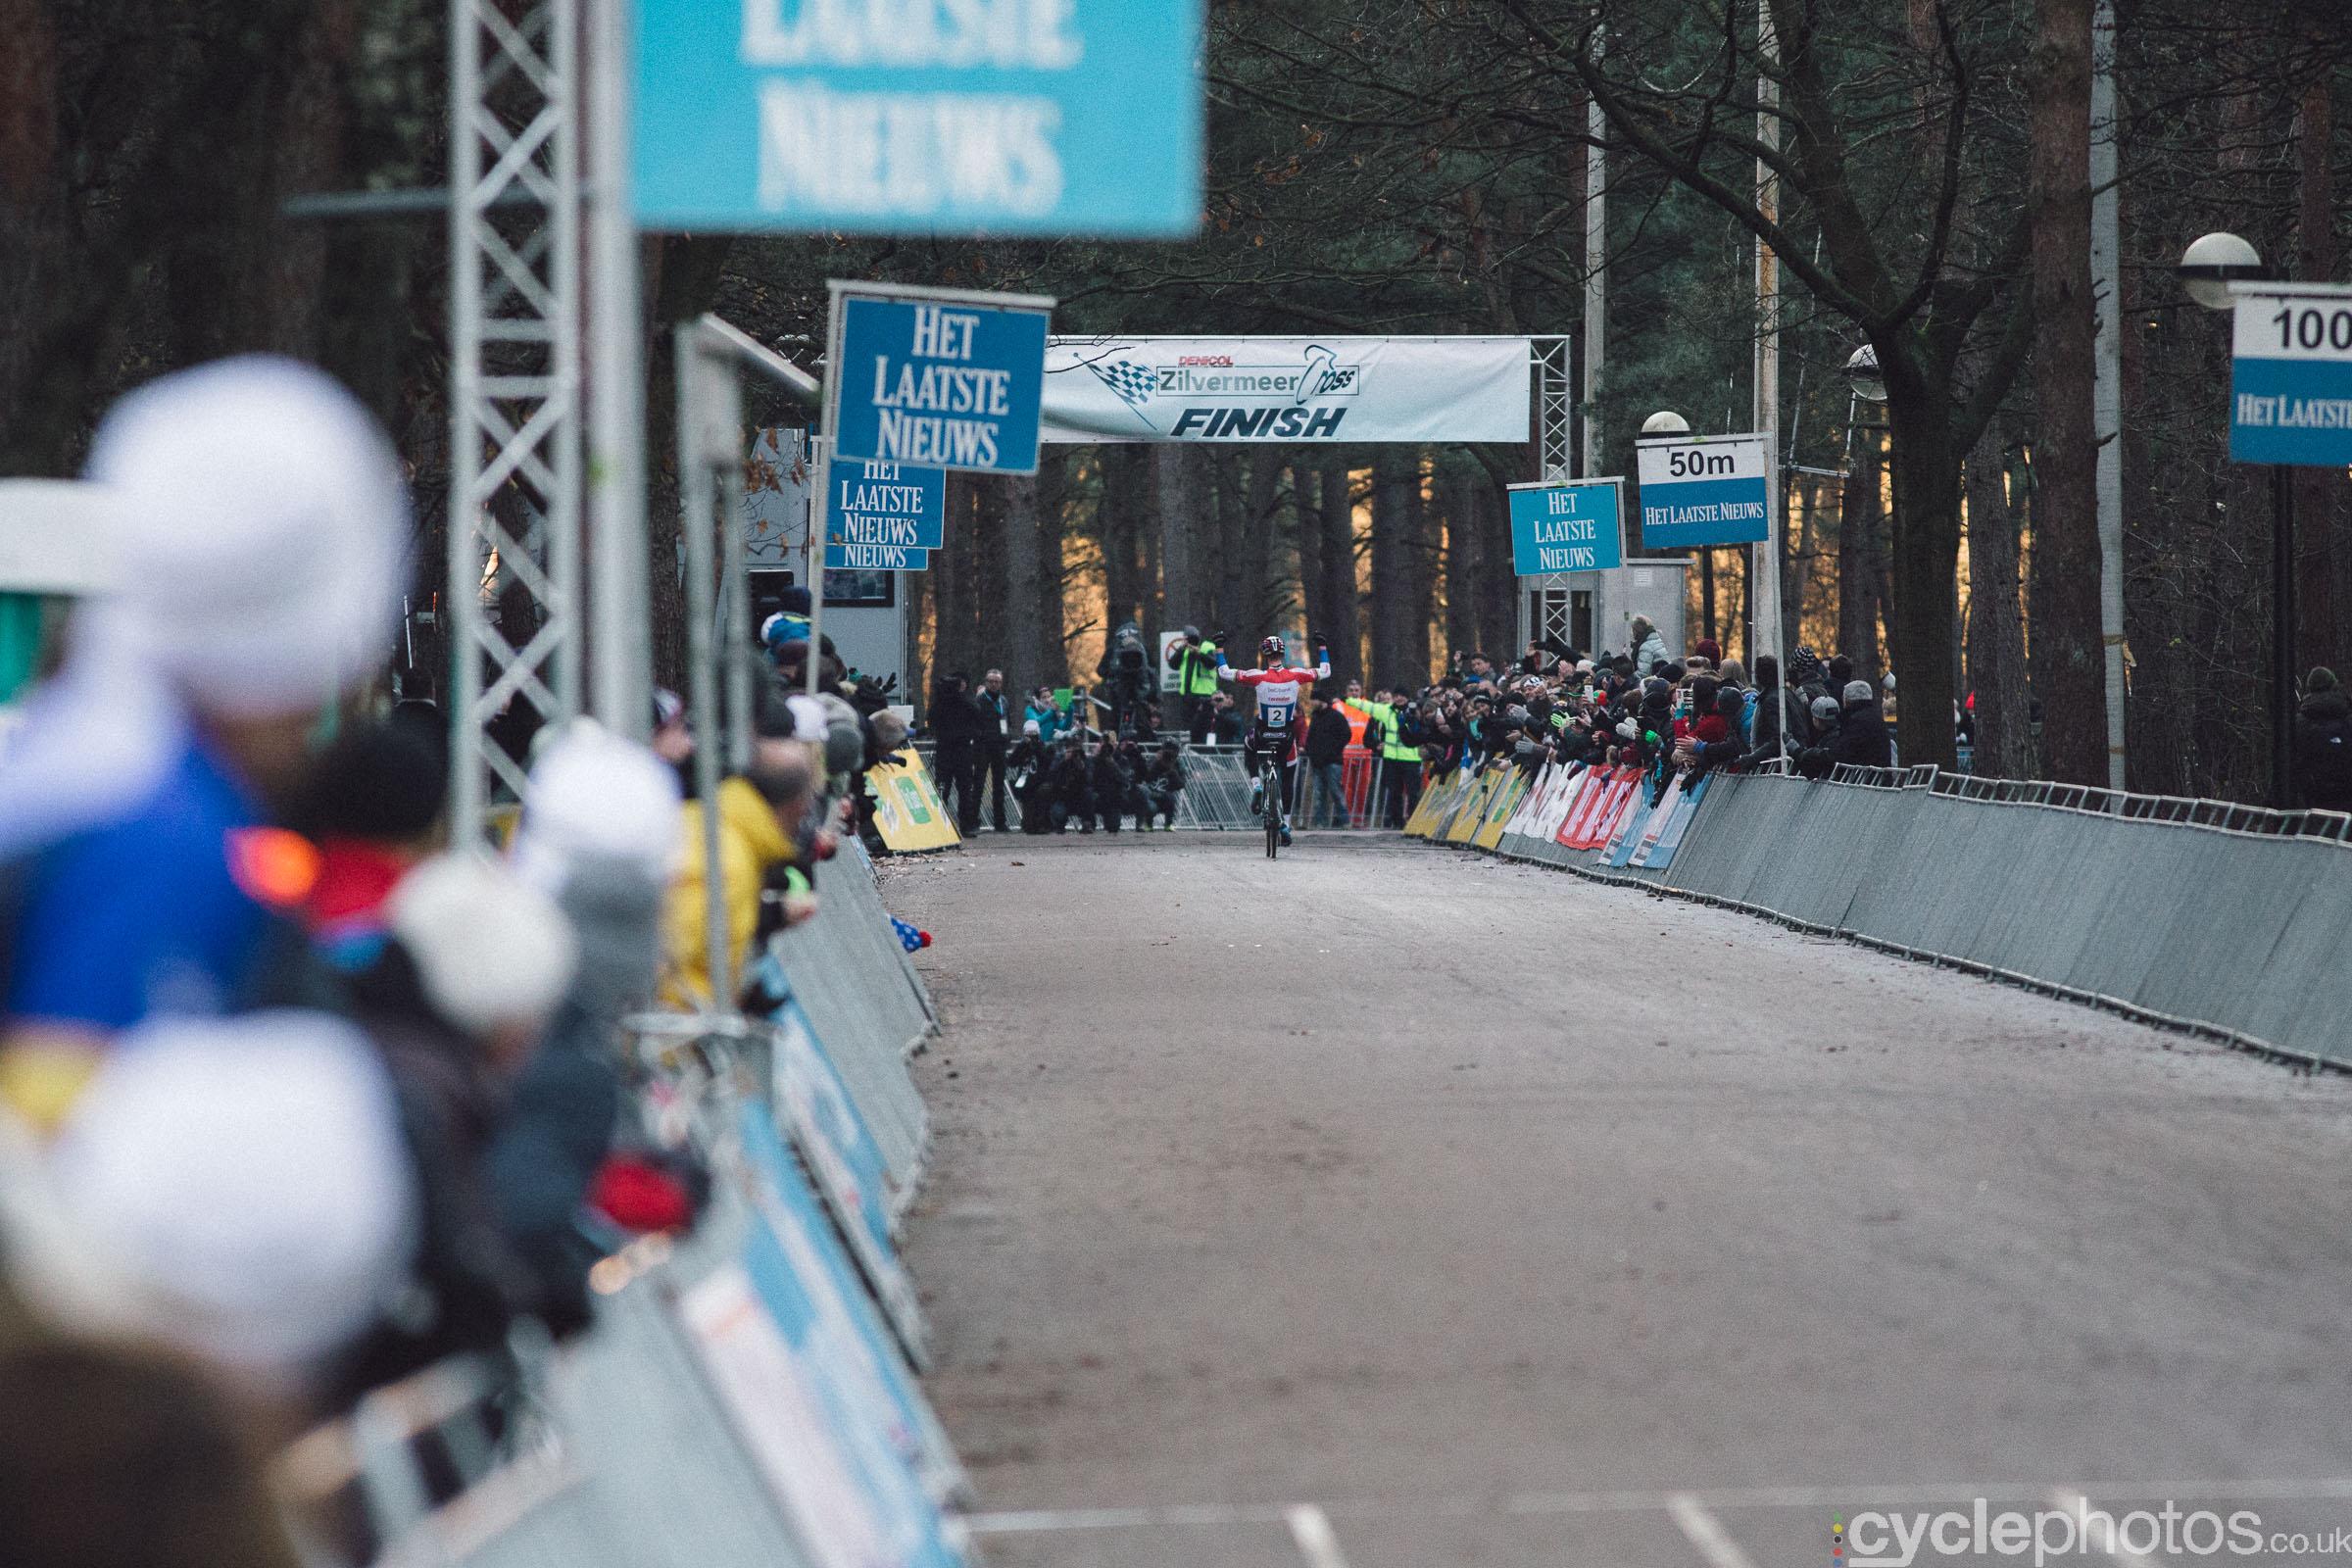 2016-cyclocross-zilvermeercross-mol-155331-mathieu-van-der-poel